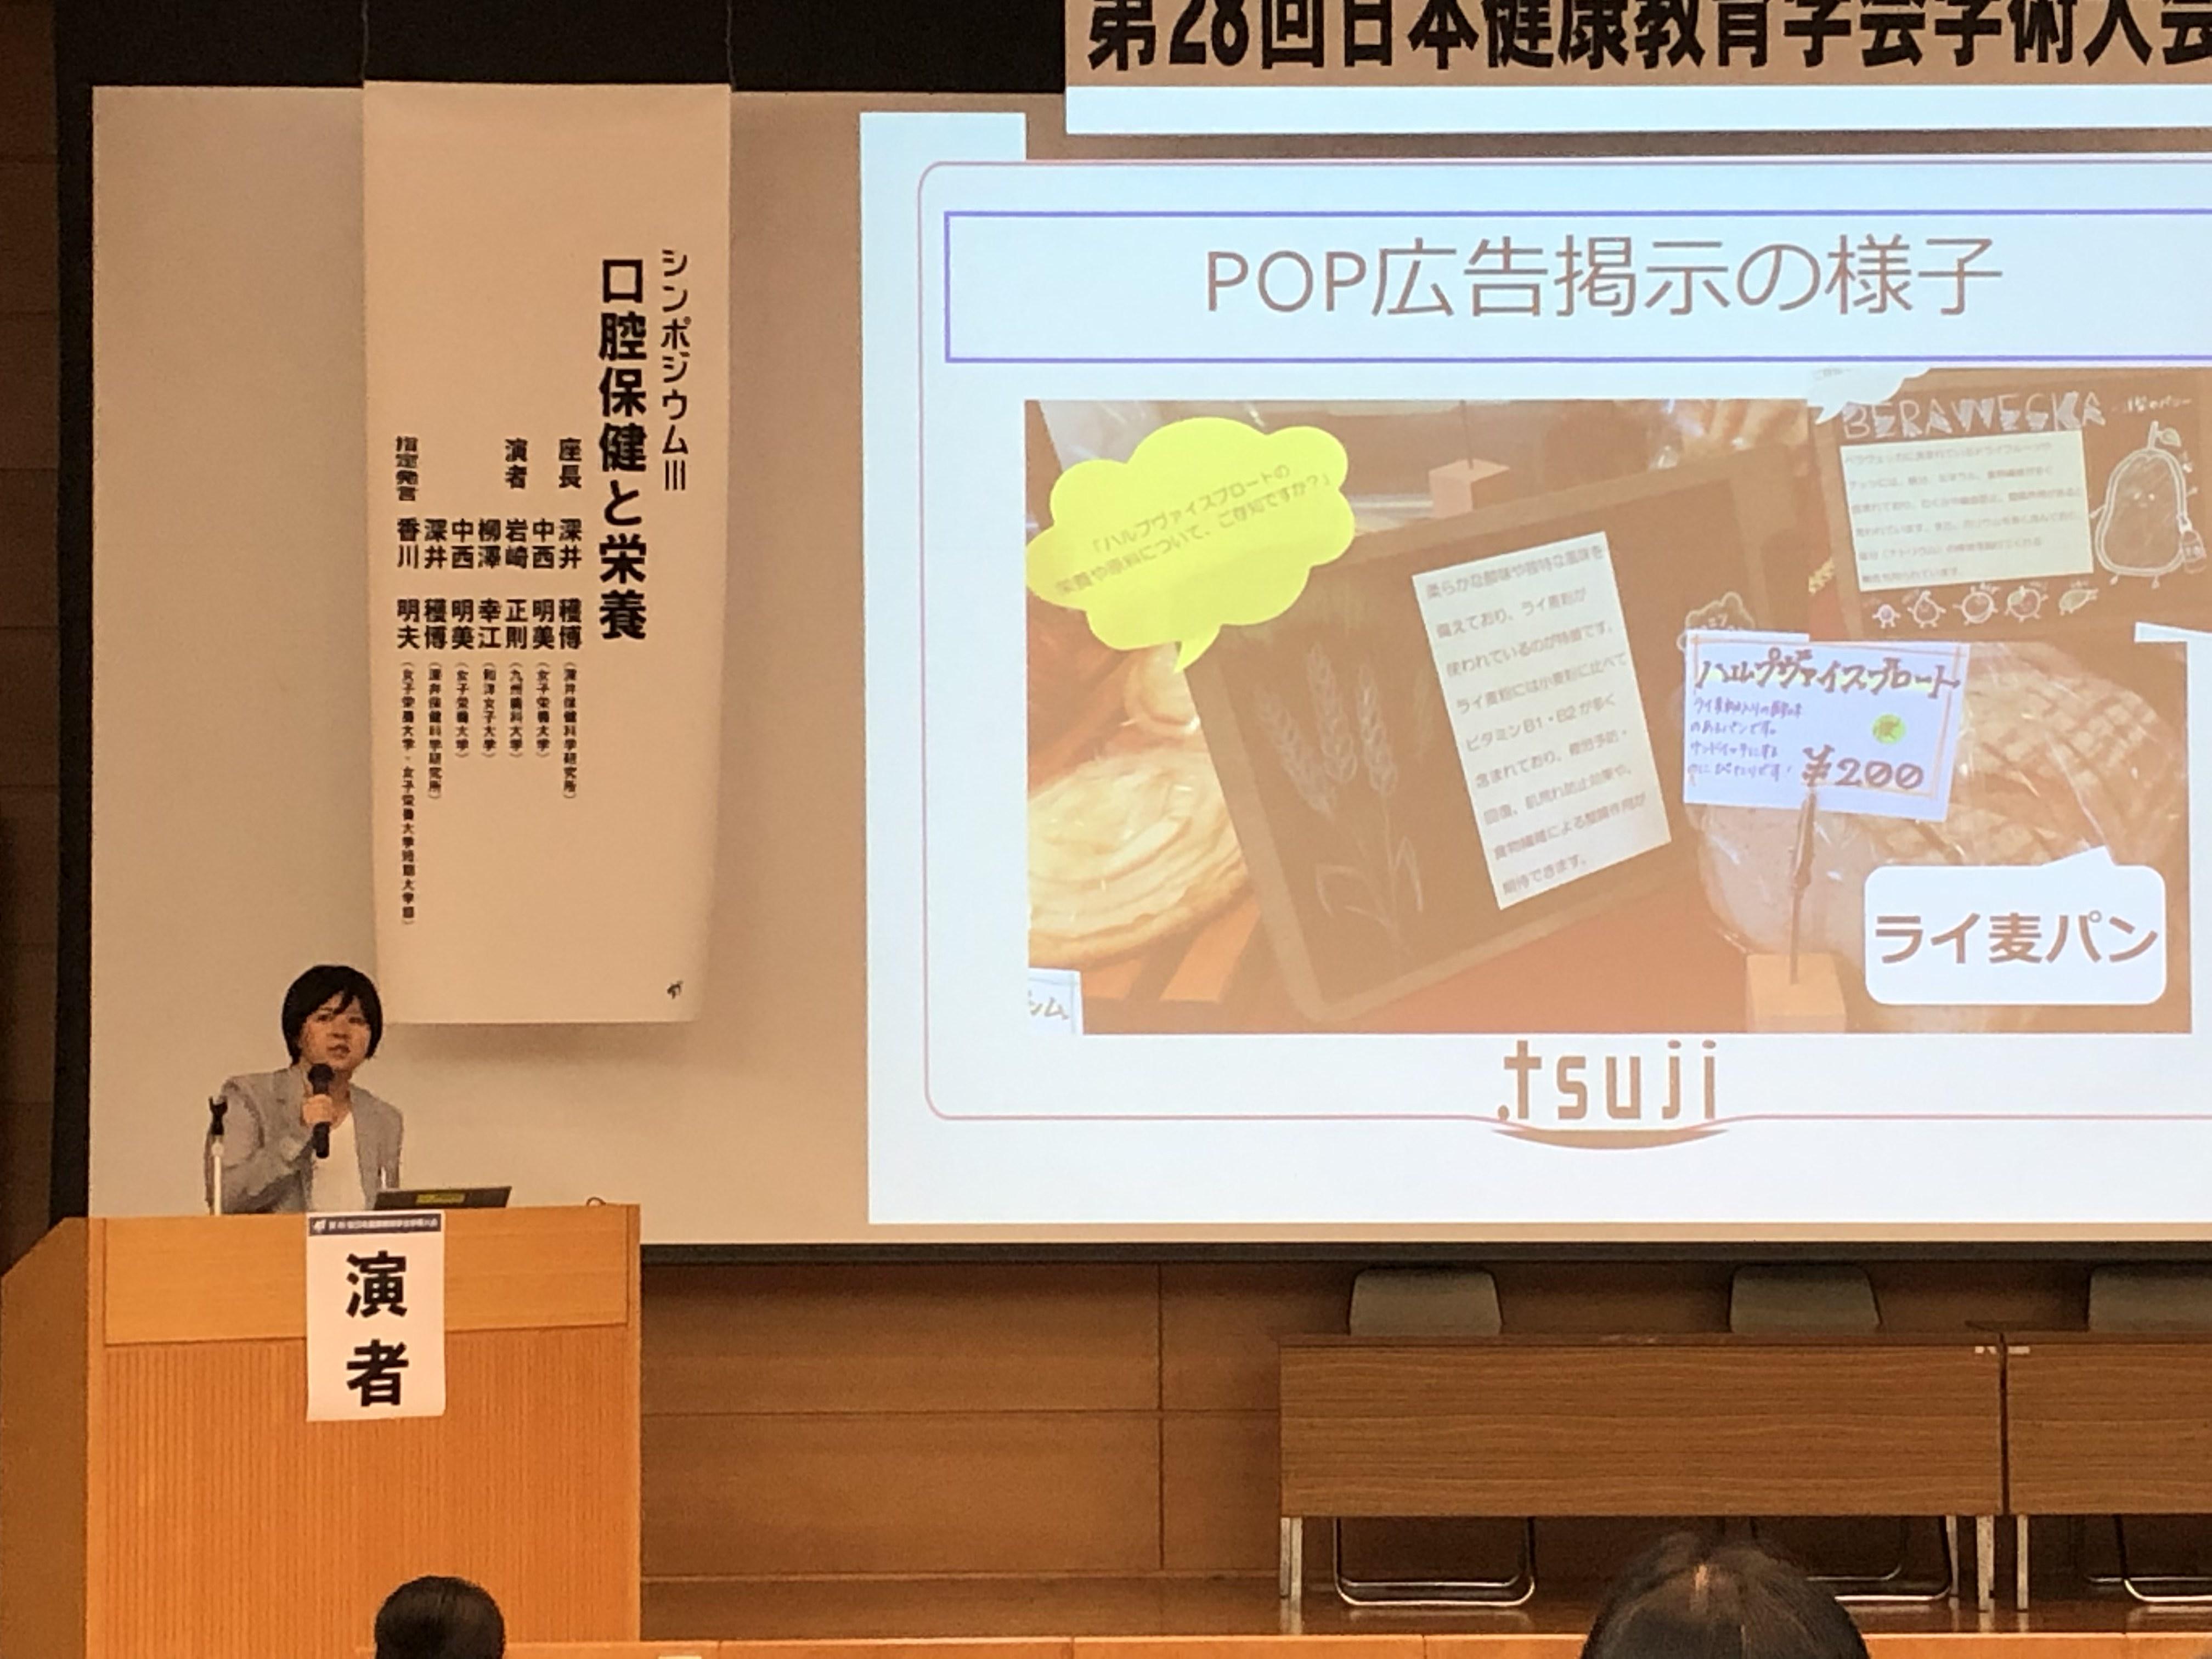 「日本健康教育学会学術大会」で辻静雄料理教育研究所 五領田先生が発表